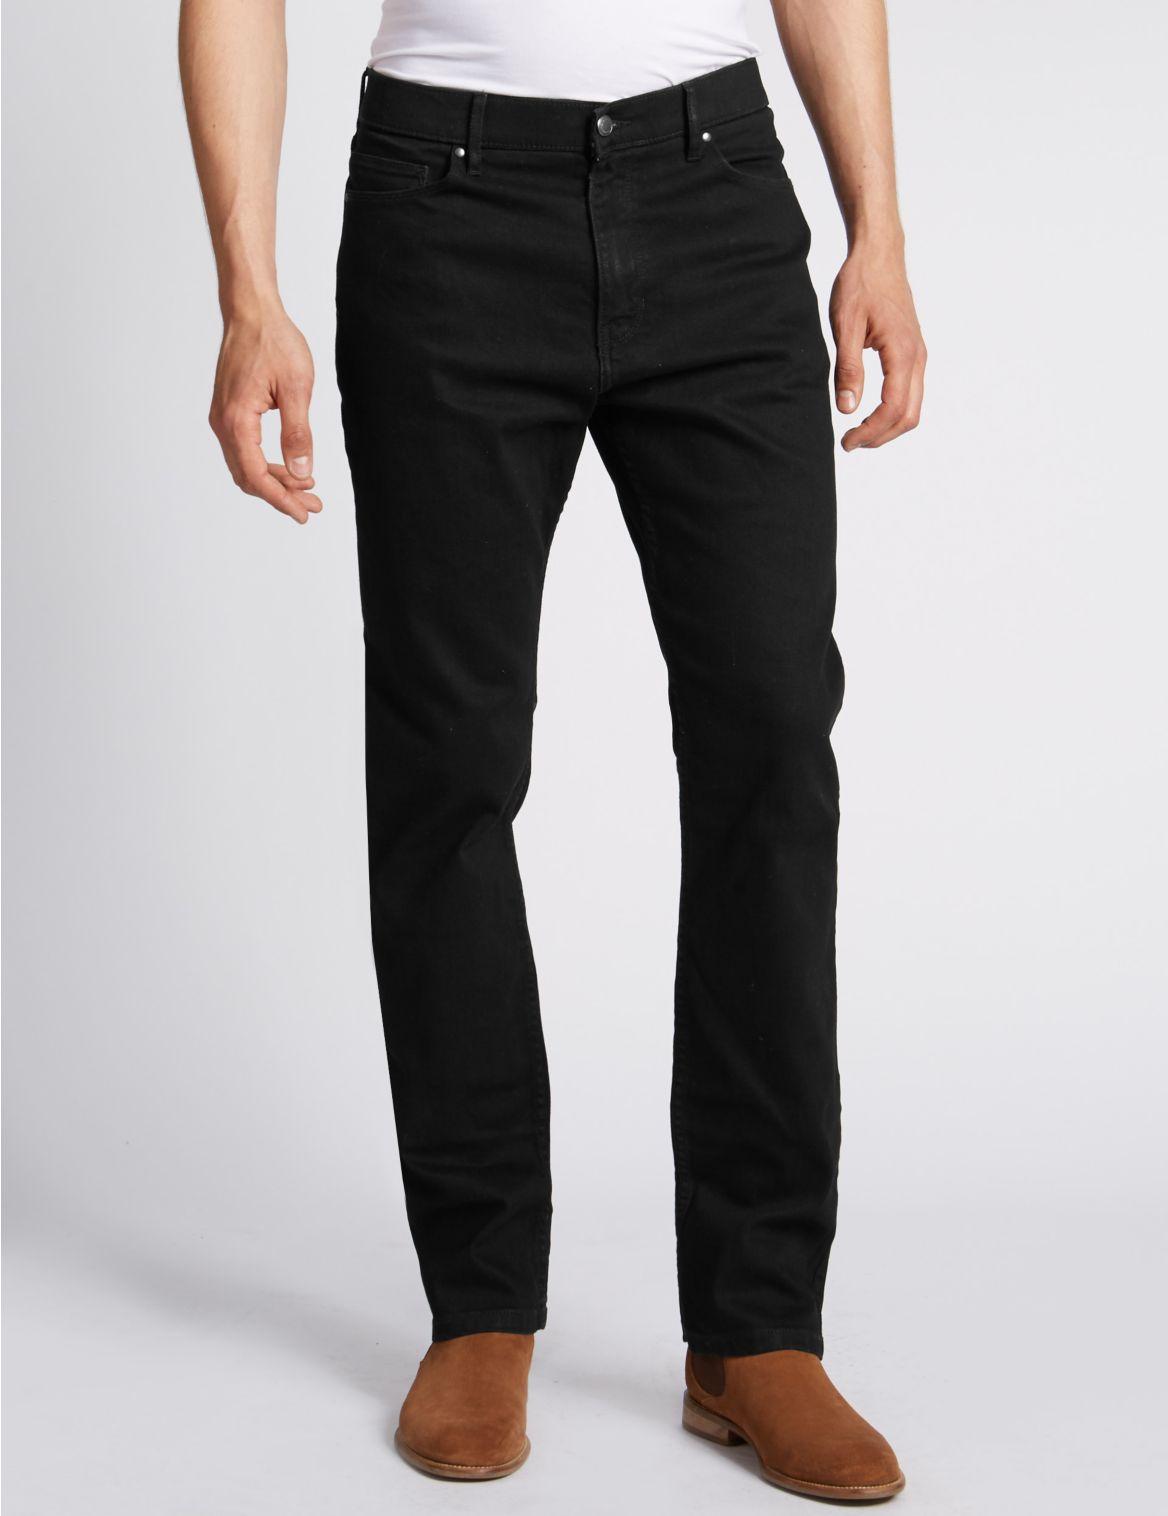 Grandes tailles– Jean extensible coupe standard, doté de la technologie Stormwear™